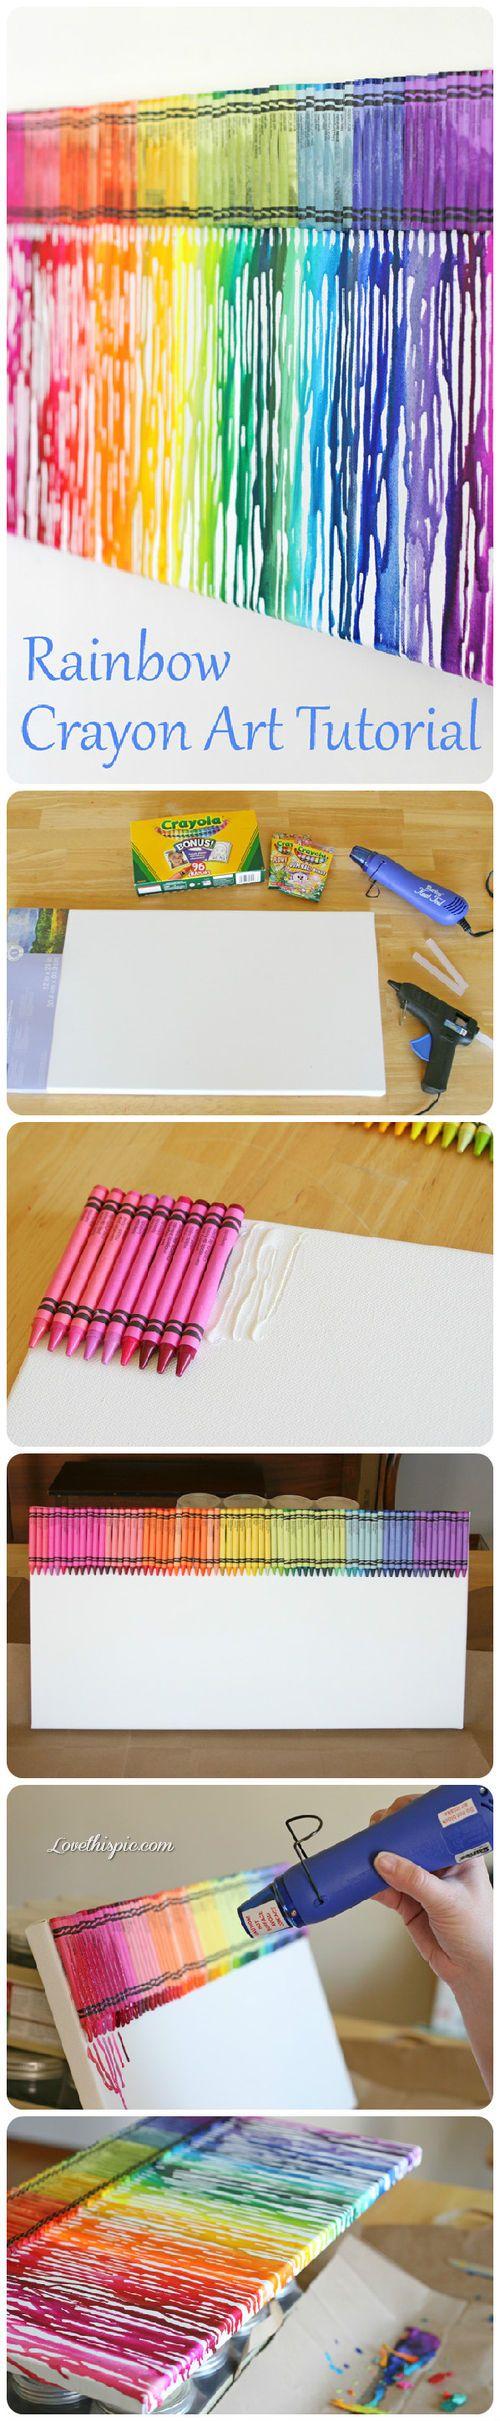 DIY :rainbow art crayon tutorial colorful crayons diy crafts home made easy crafts craft idea crafts